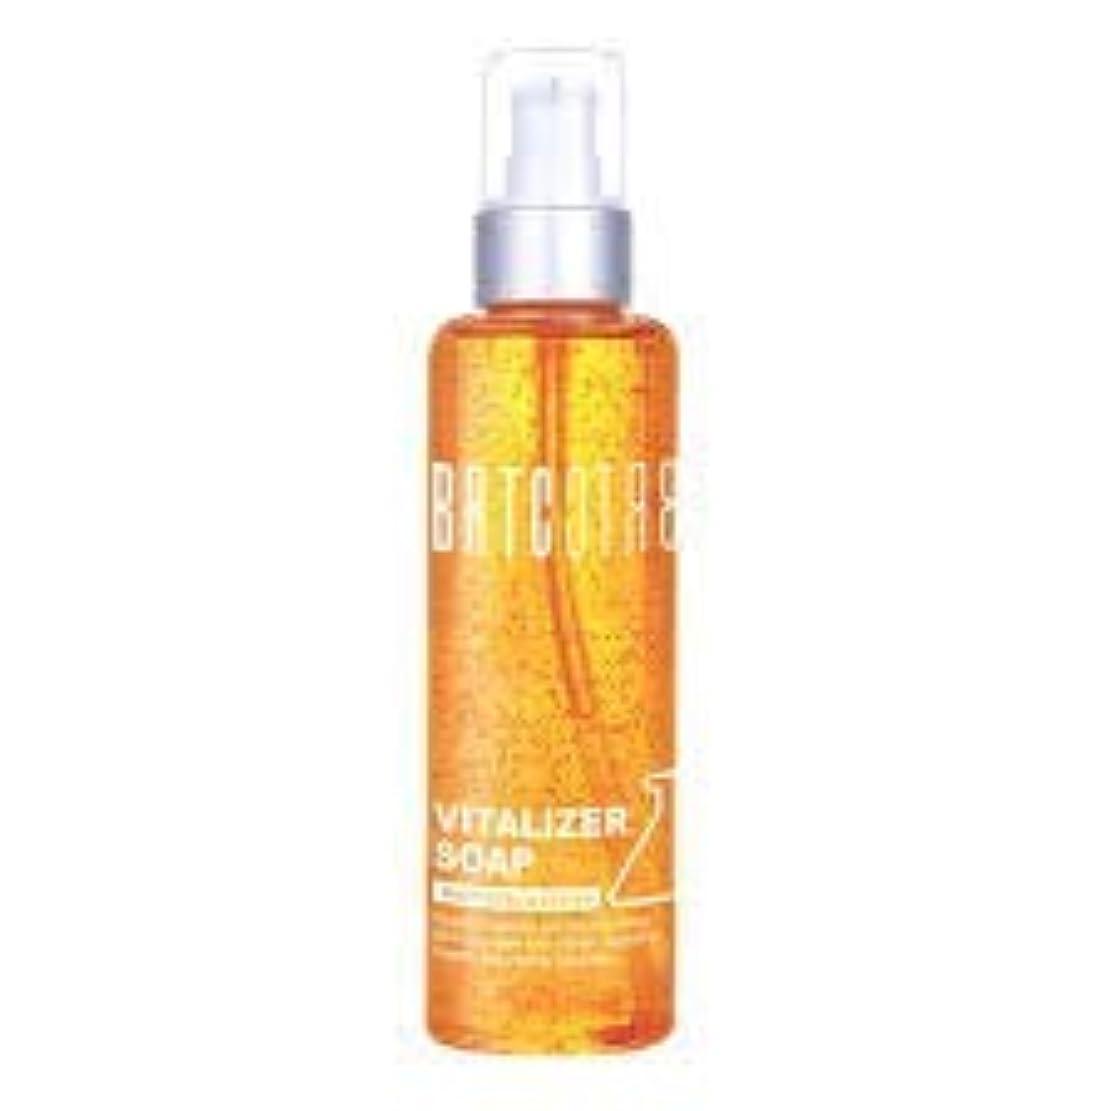 繊維公然と文句を言うBRTC バイタライザー石鹸200ml ビタミンカプセルは、健康で重要な肌を提示するために皮膚に浸透し、吸収します